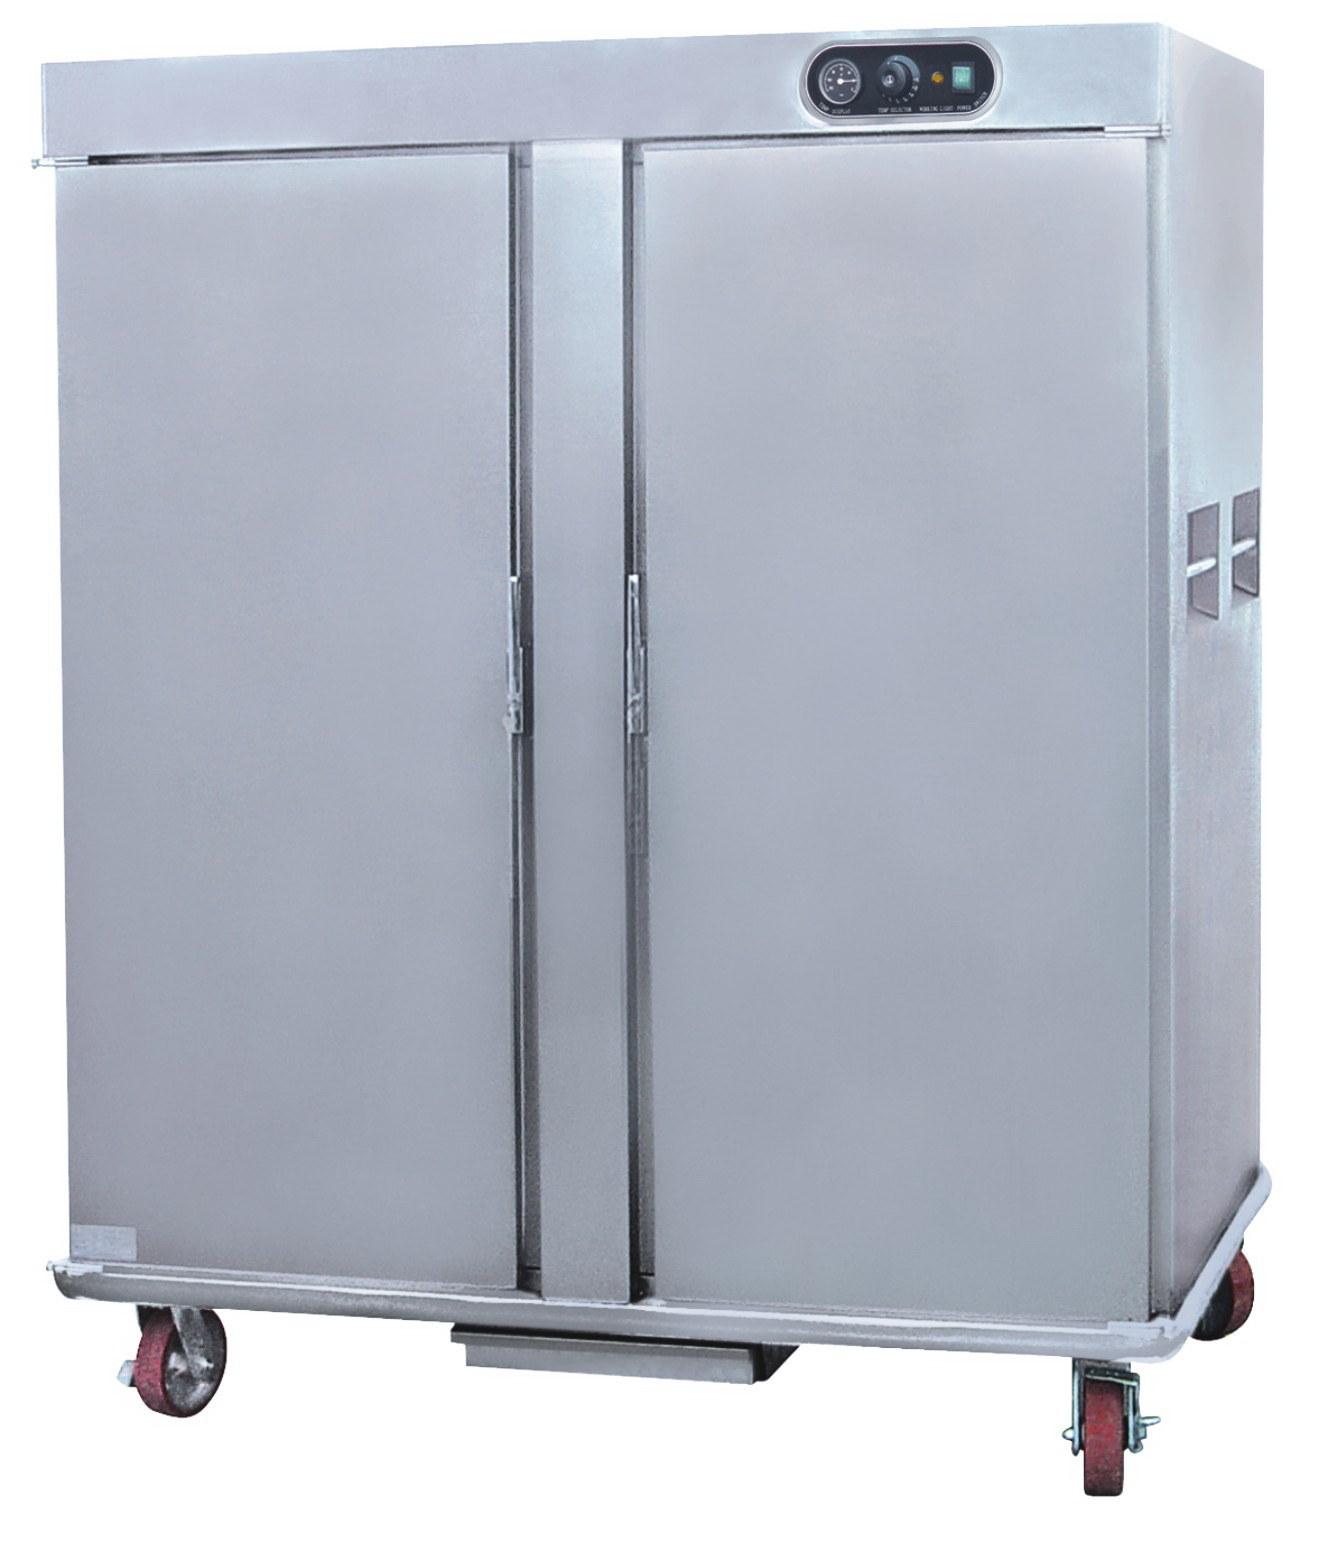 China Vertical Hot Banquet Carts (OT-11-21) - China Warming Carts ...